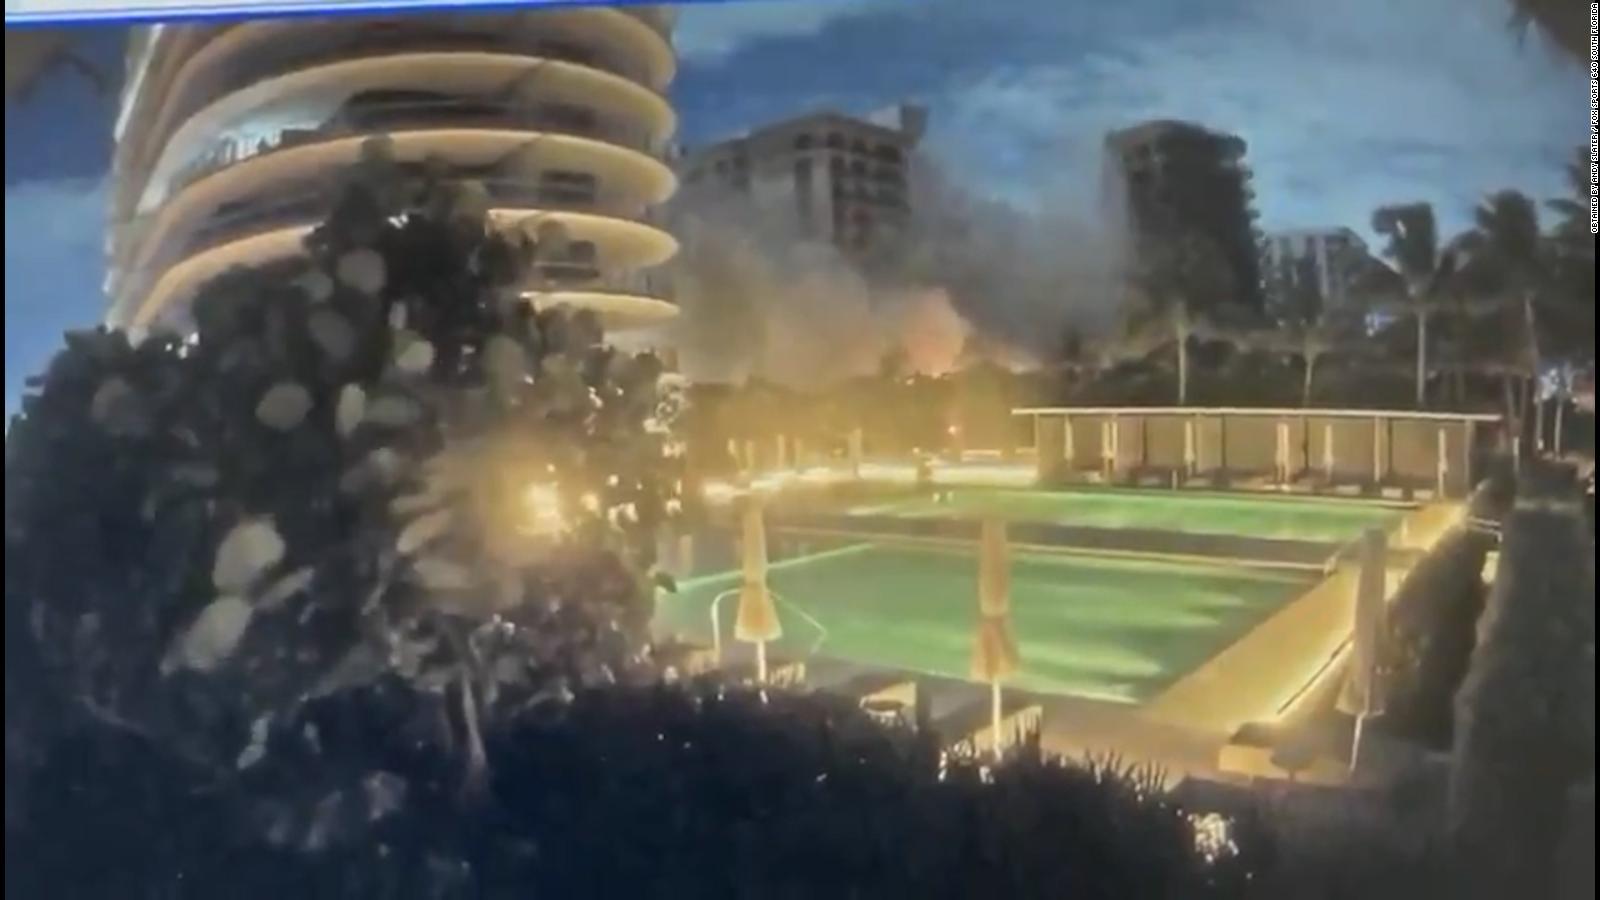 Video muestra el momento en que se derrumba el edificio en Surfside